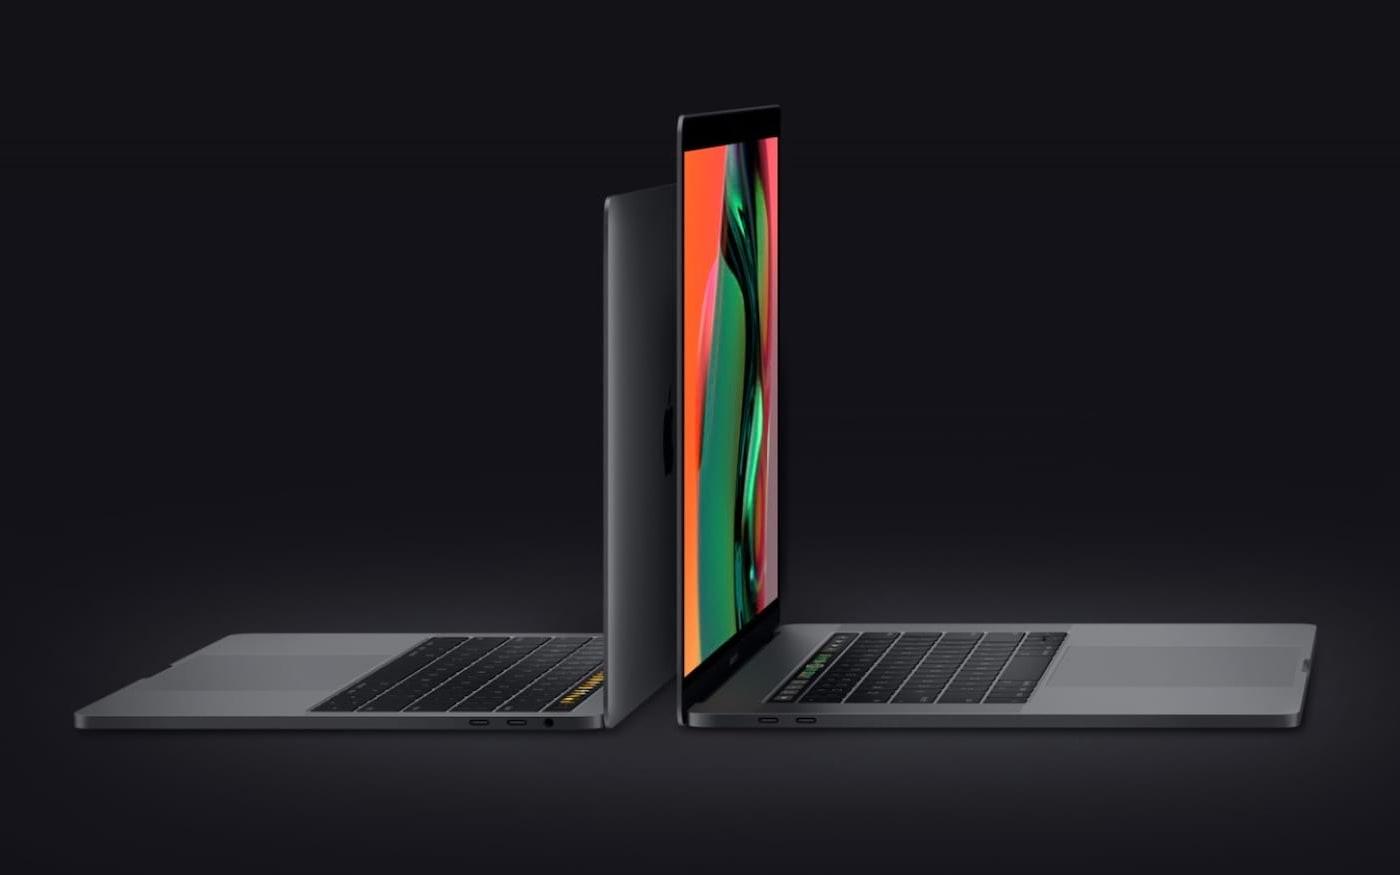 MacBooks Pro ganham correção no teclado e processadores Intel mais rápidos